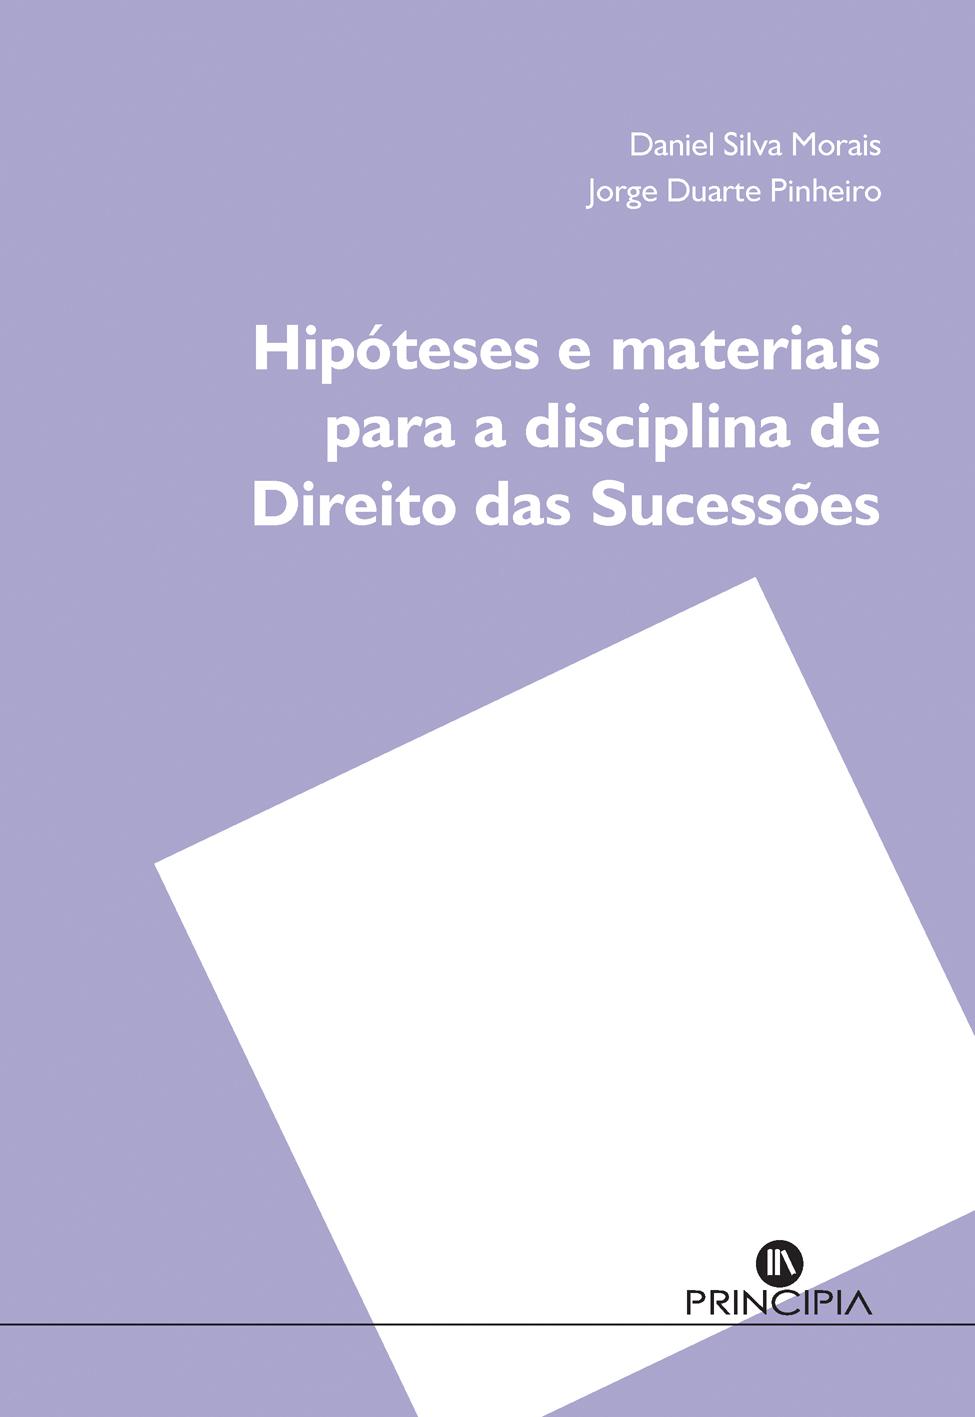 Hipóteses e Materiais para a Disciplina de Direito das Sucessões